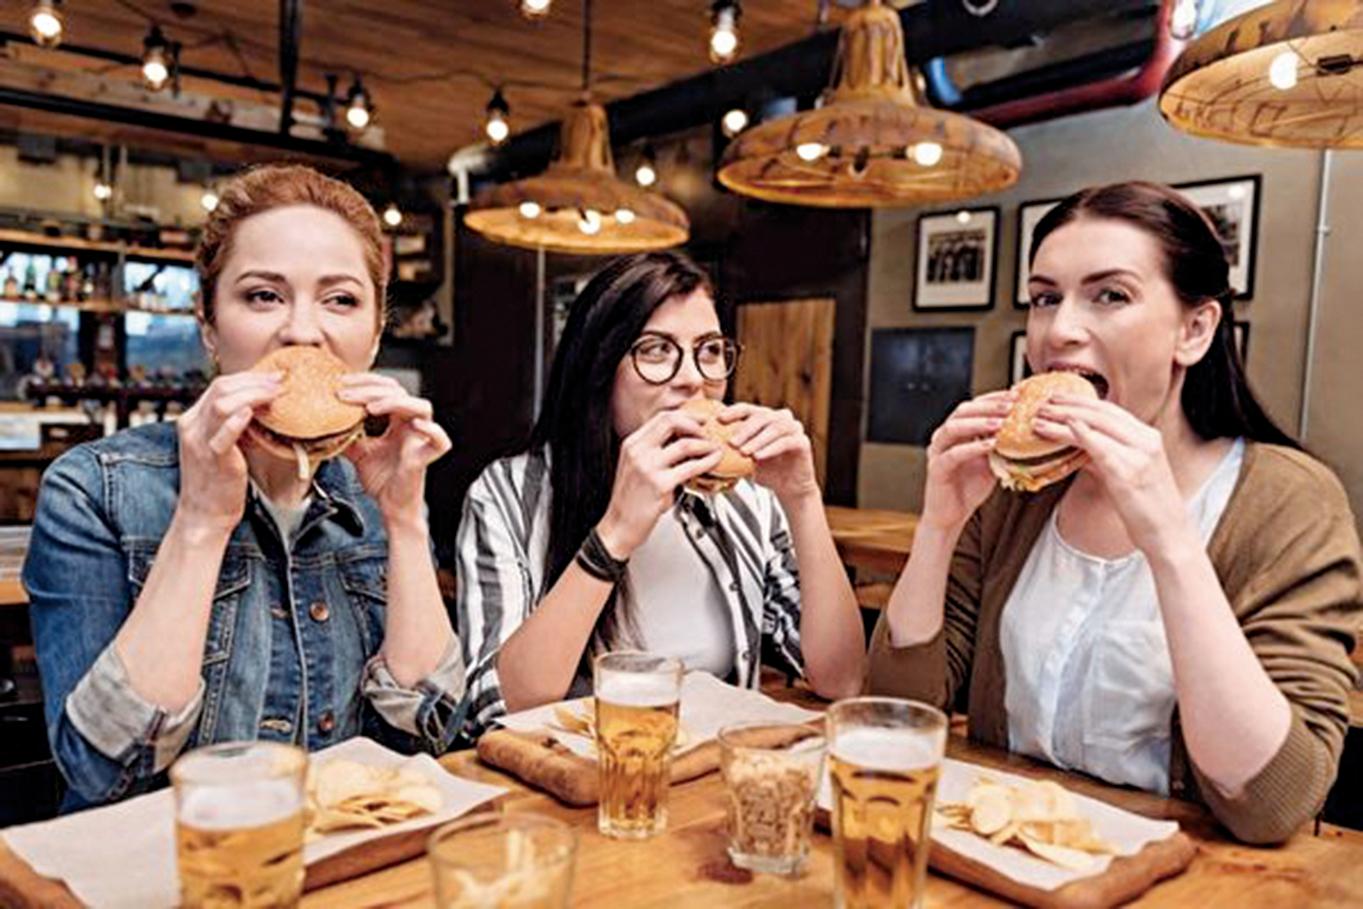 最近的一項研究顯示,外出用餐比起在家煮食更有機會增加體內的鄰苯二甲酸鹽(phthalates)水平,且對青少年的影響更為顯著。 (fotolia)